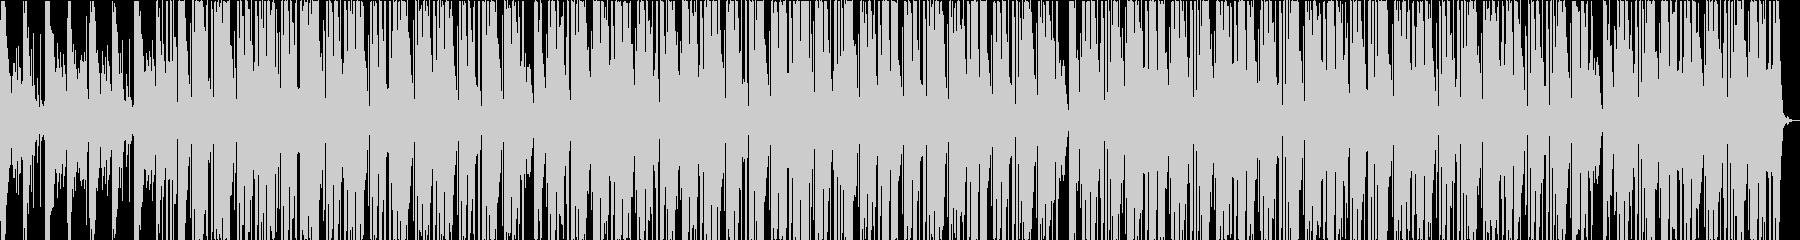 ピアノ、しっとり、LOFIHIPHOPの未再生の波形